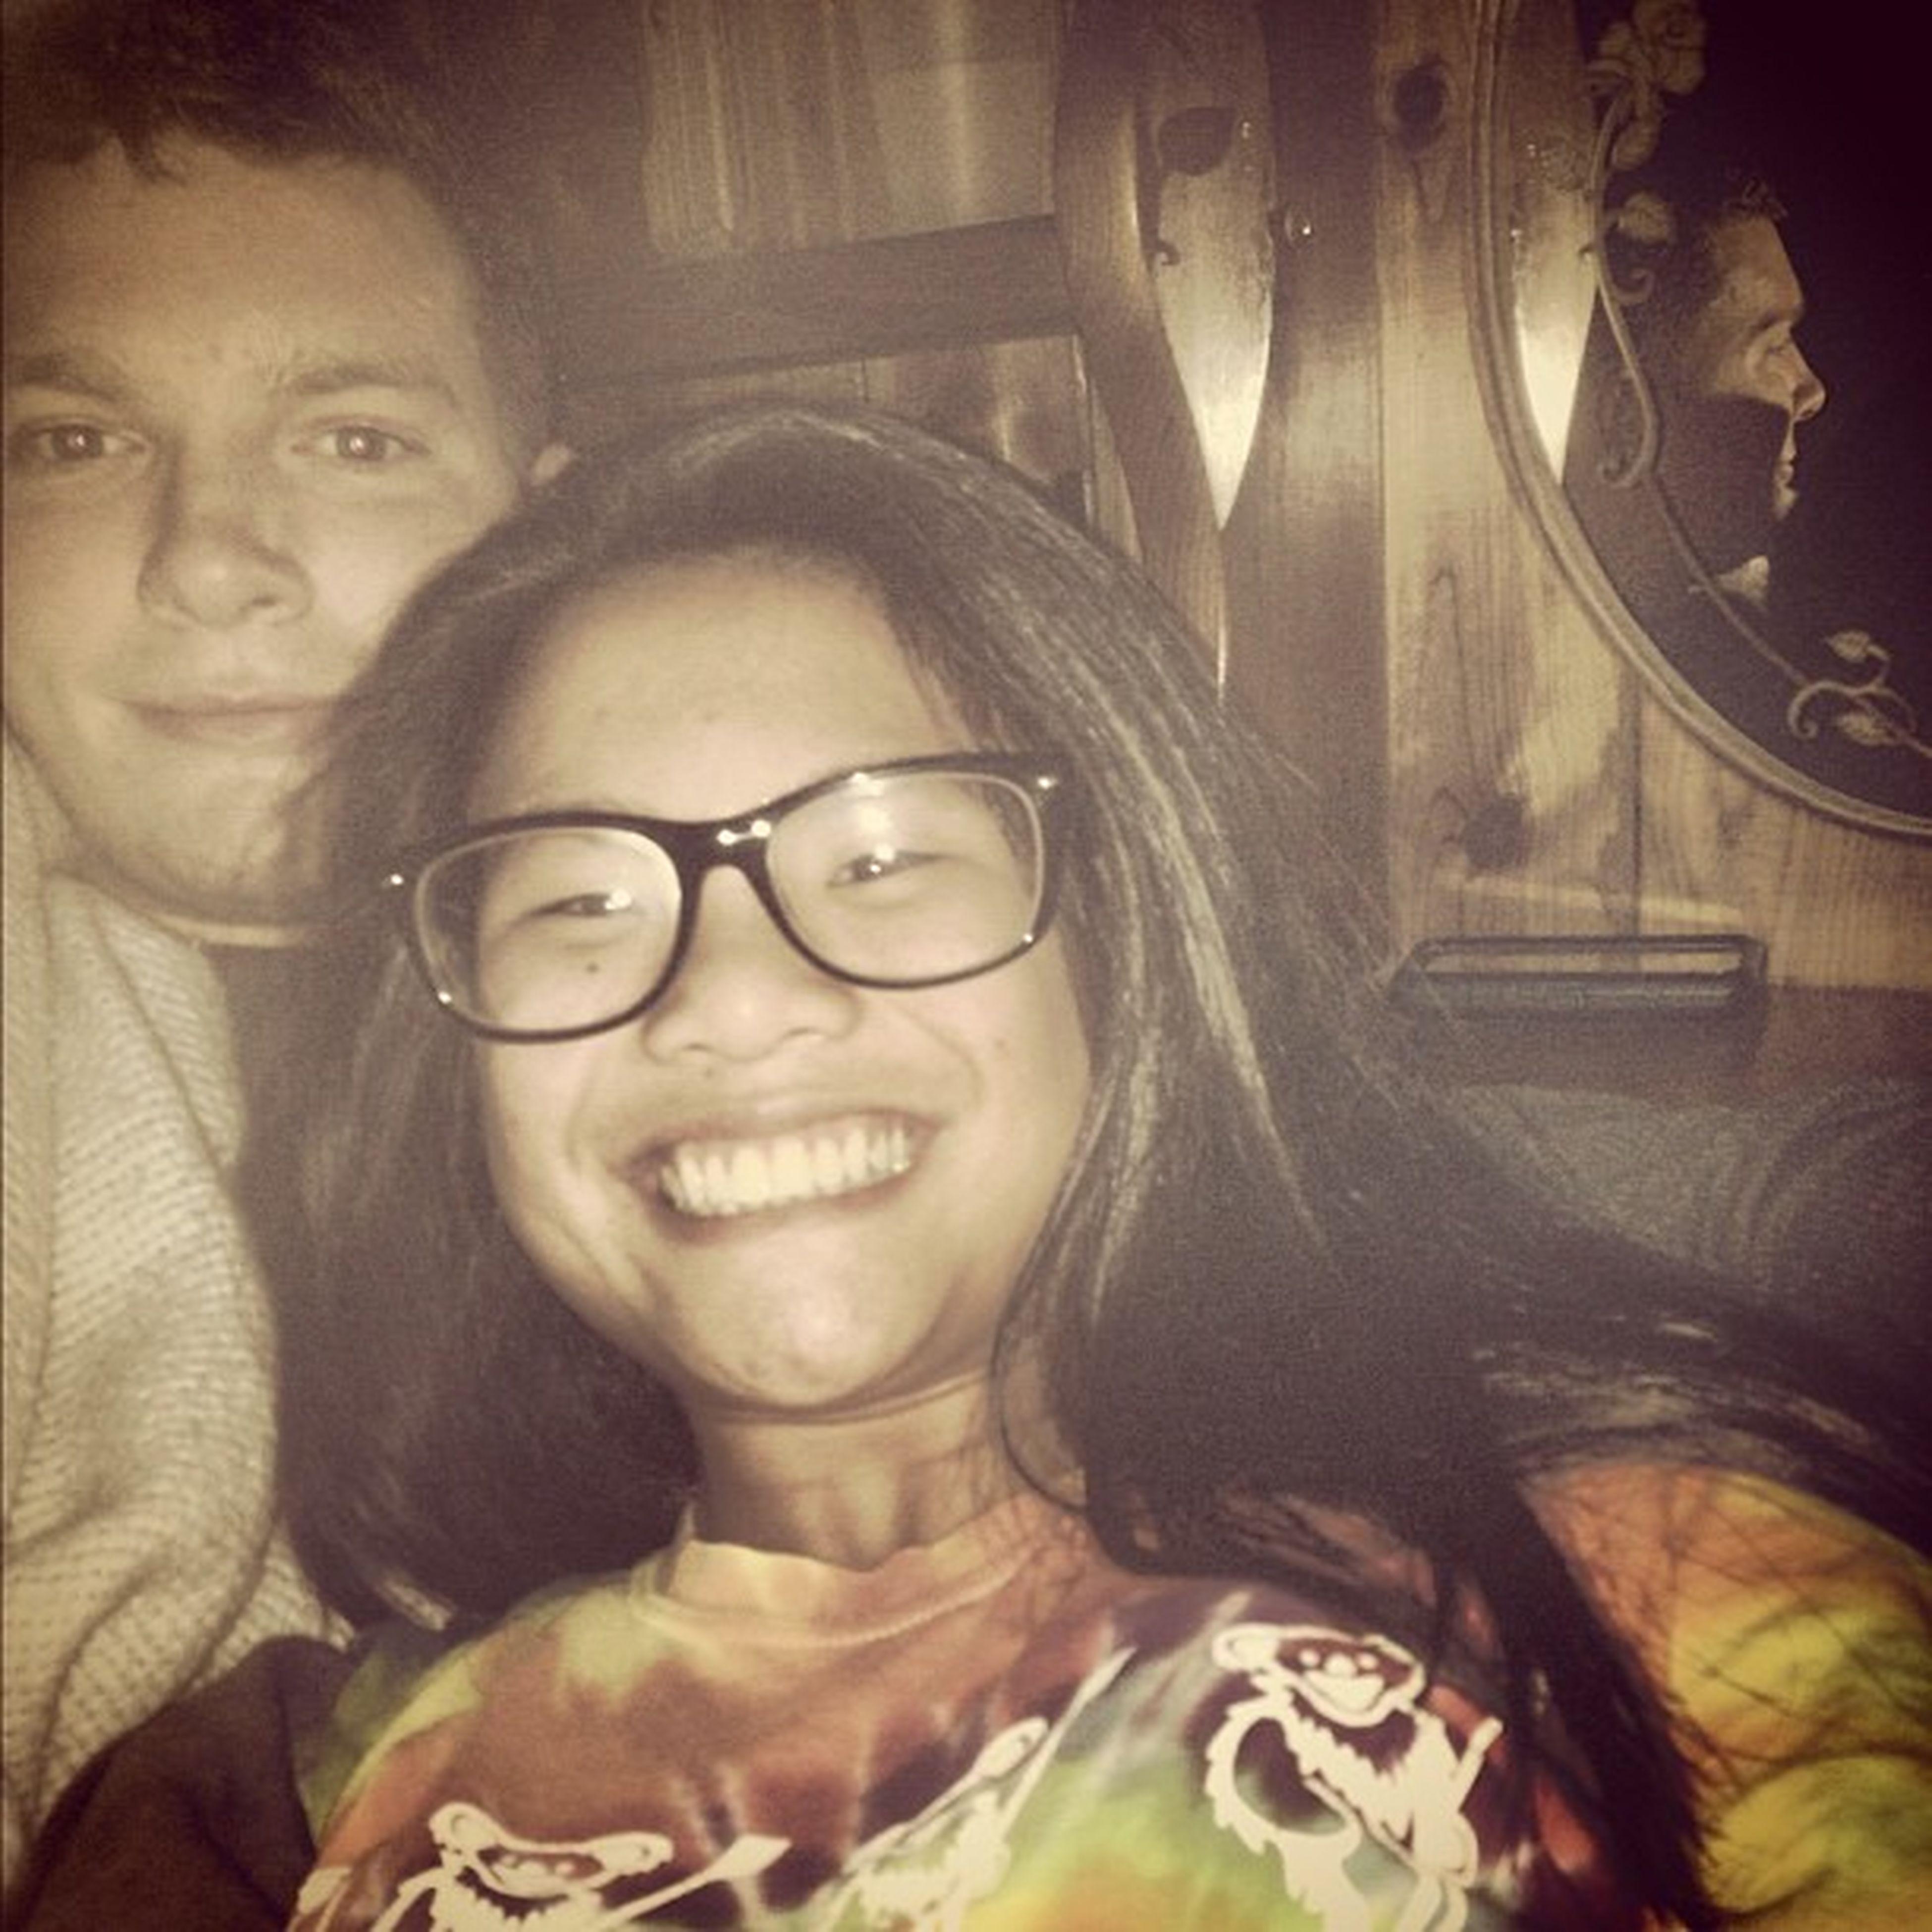 Arn't we just so cute? JakesGlasses Dork NerdStatus IthinkWeAreCute Imwierd